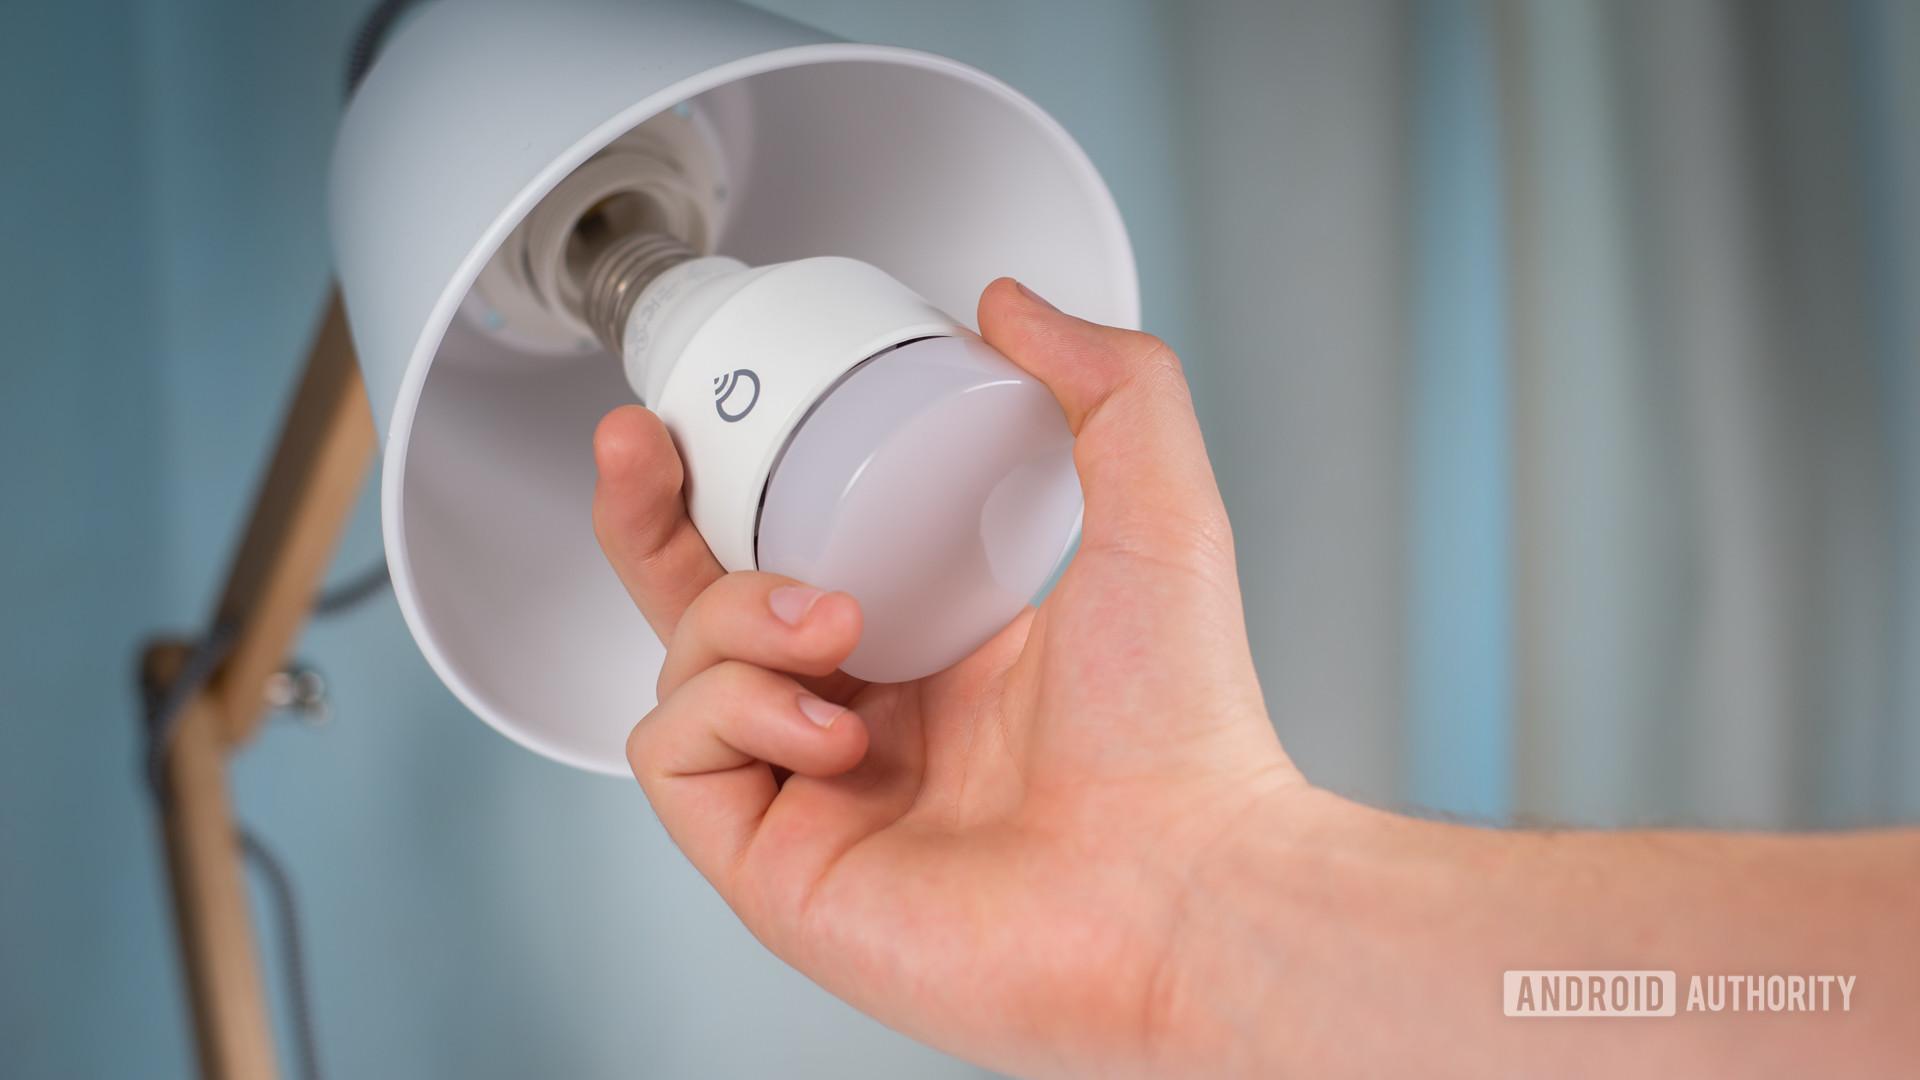 LIFX smart LED light bulb stock photo 4